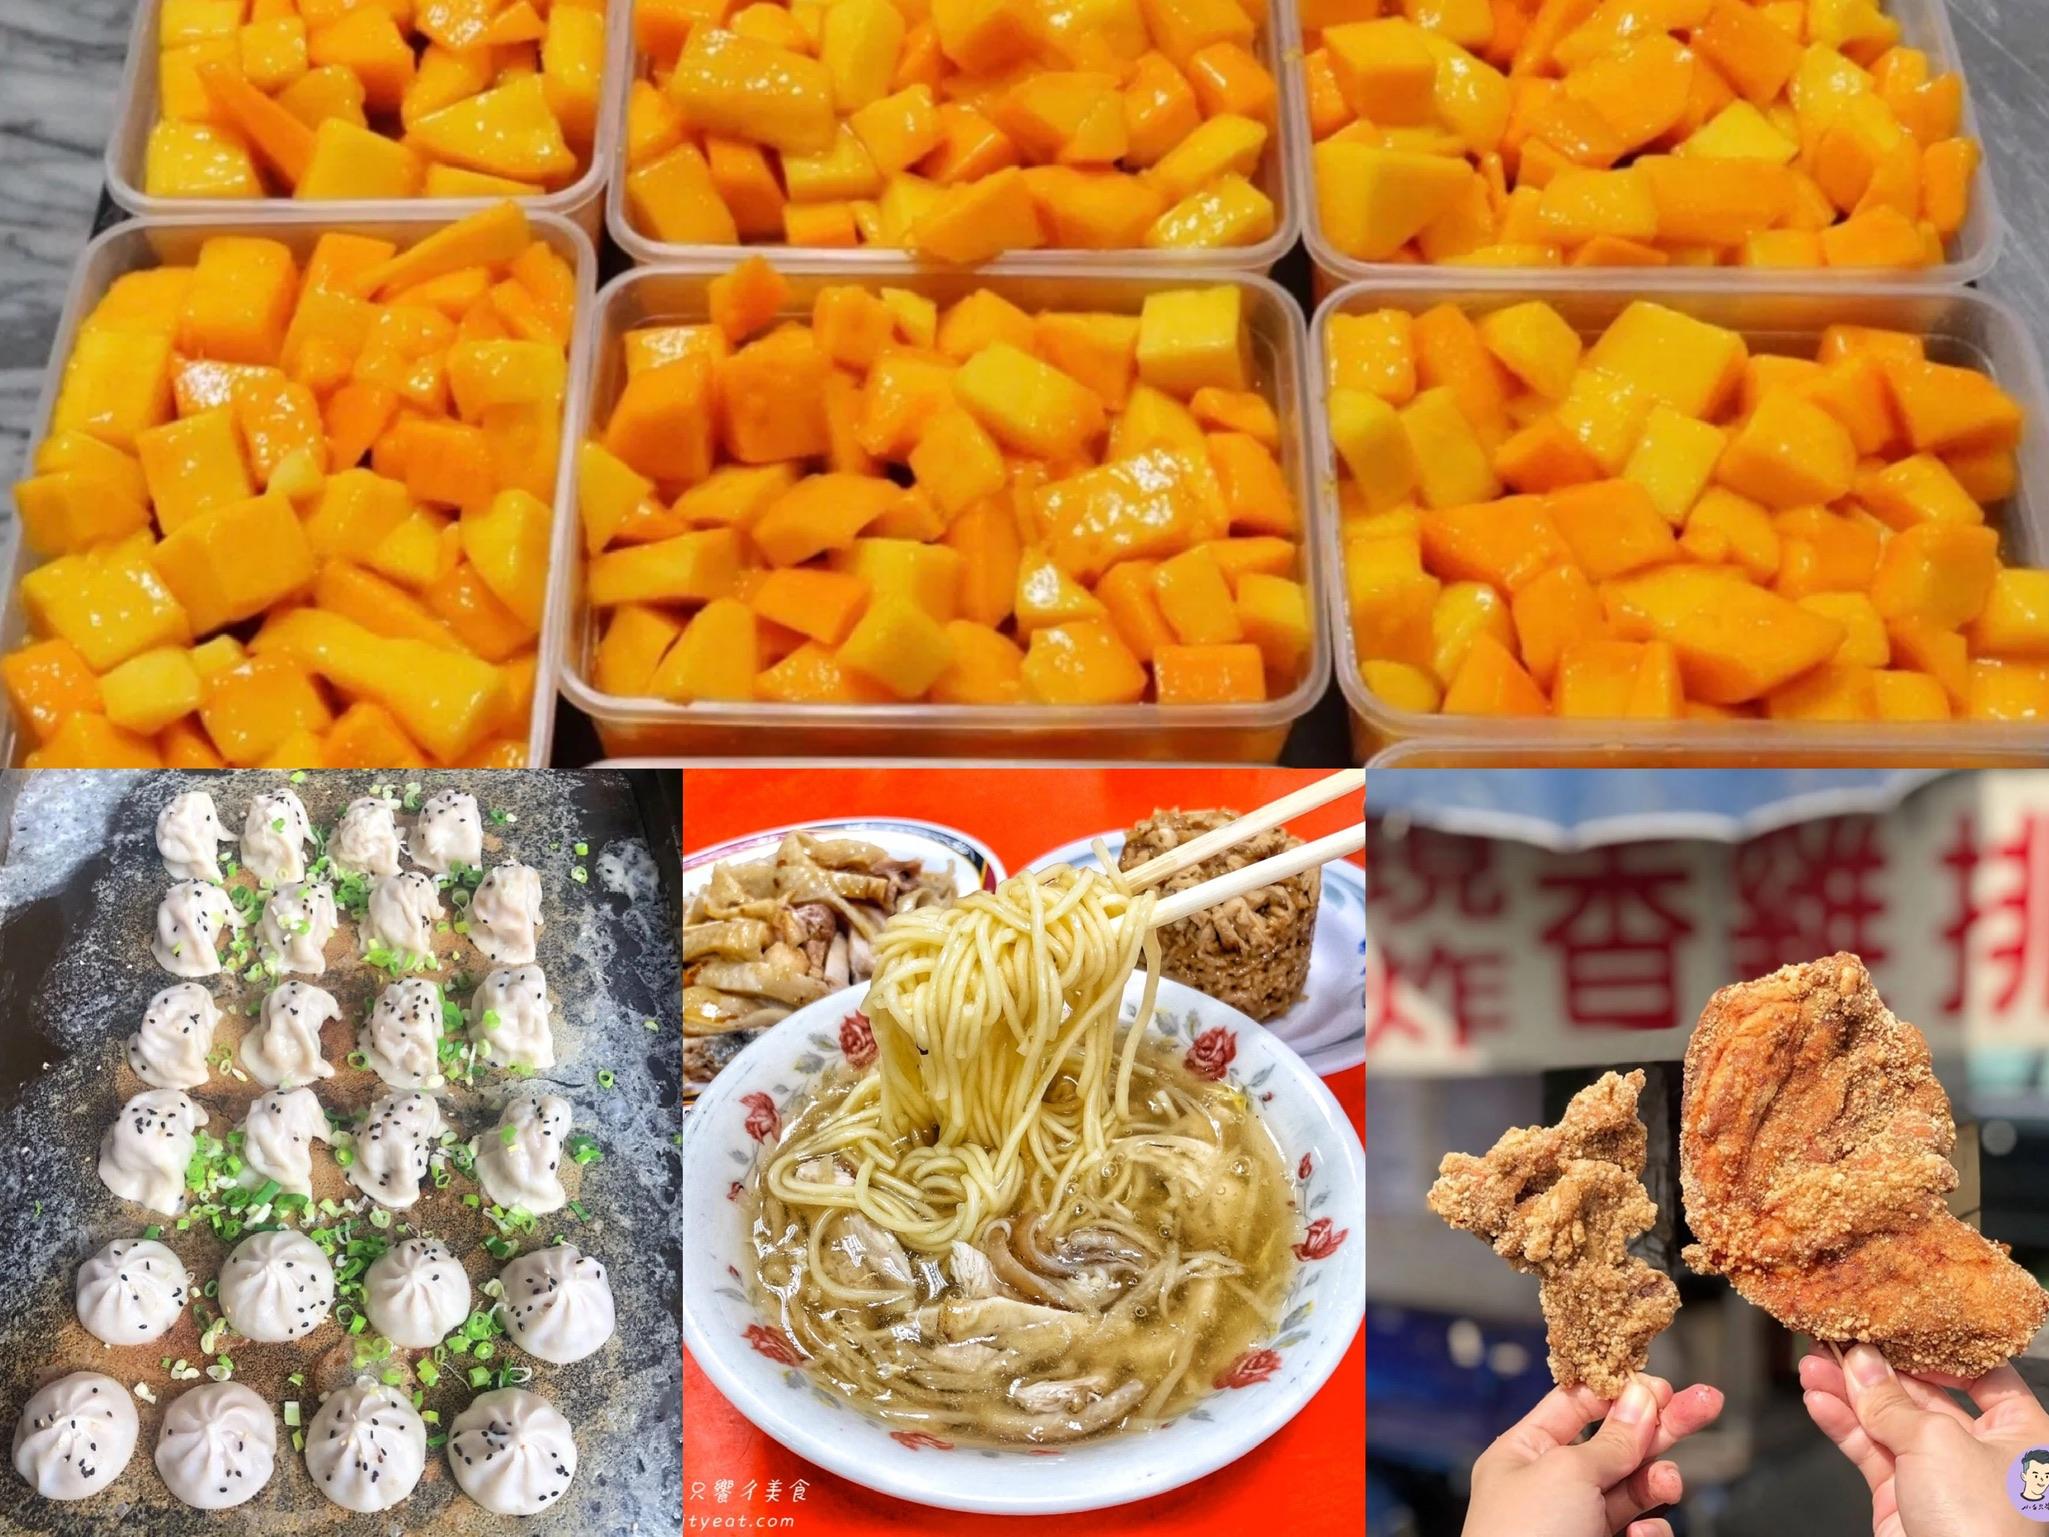 【台南美食】2021學甲美食懶人包|超俗小吃特輯都在這 45元超大雞排+30元雞肉米糕